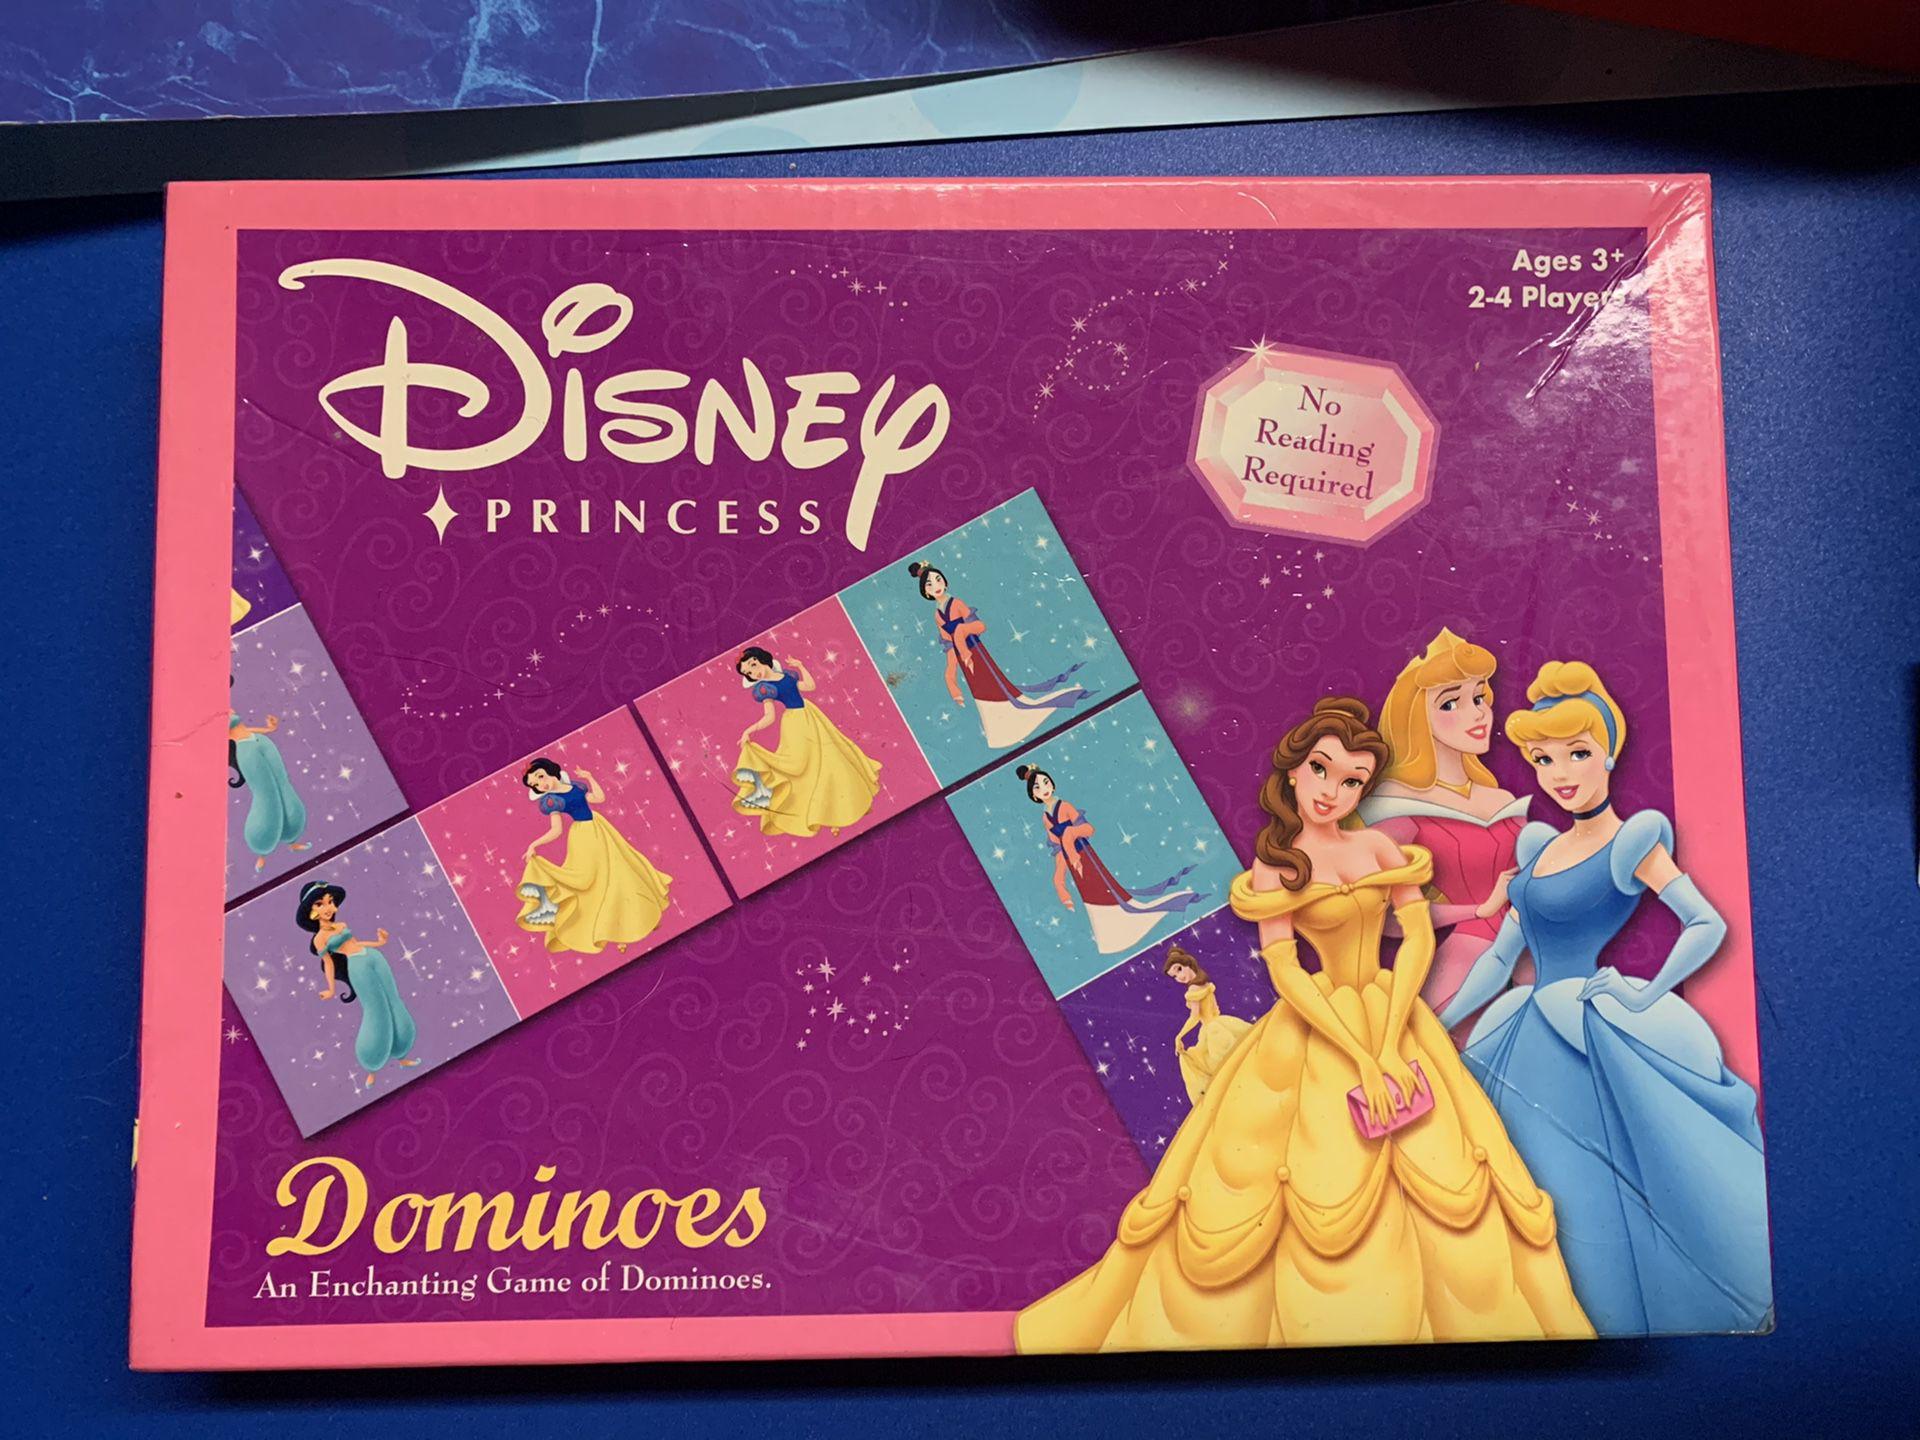 Disney princess dominos board game